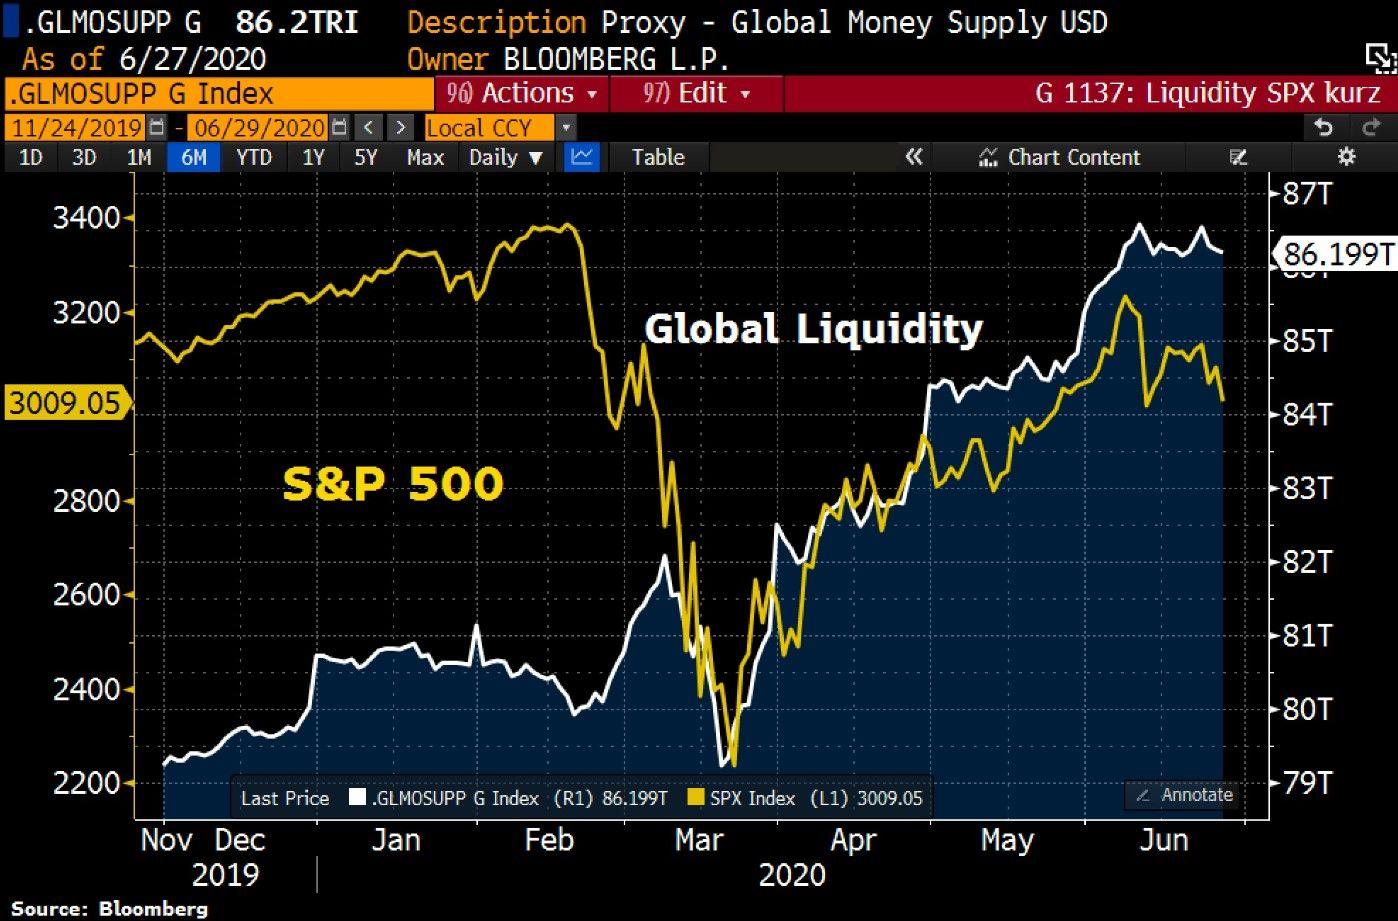 S&P500 e Ibex 35: las bolsas insaciables con la liquidez